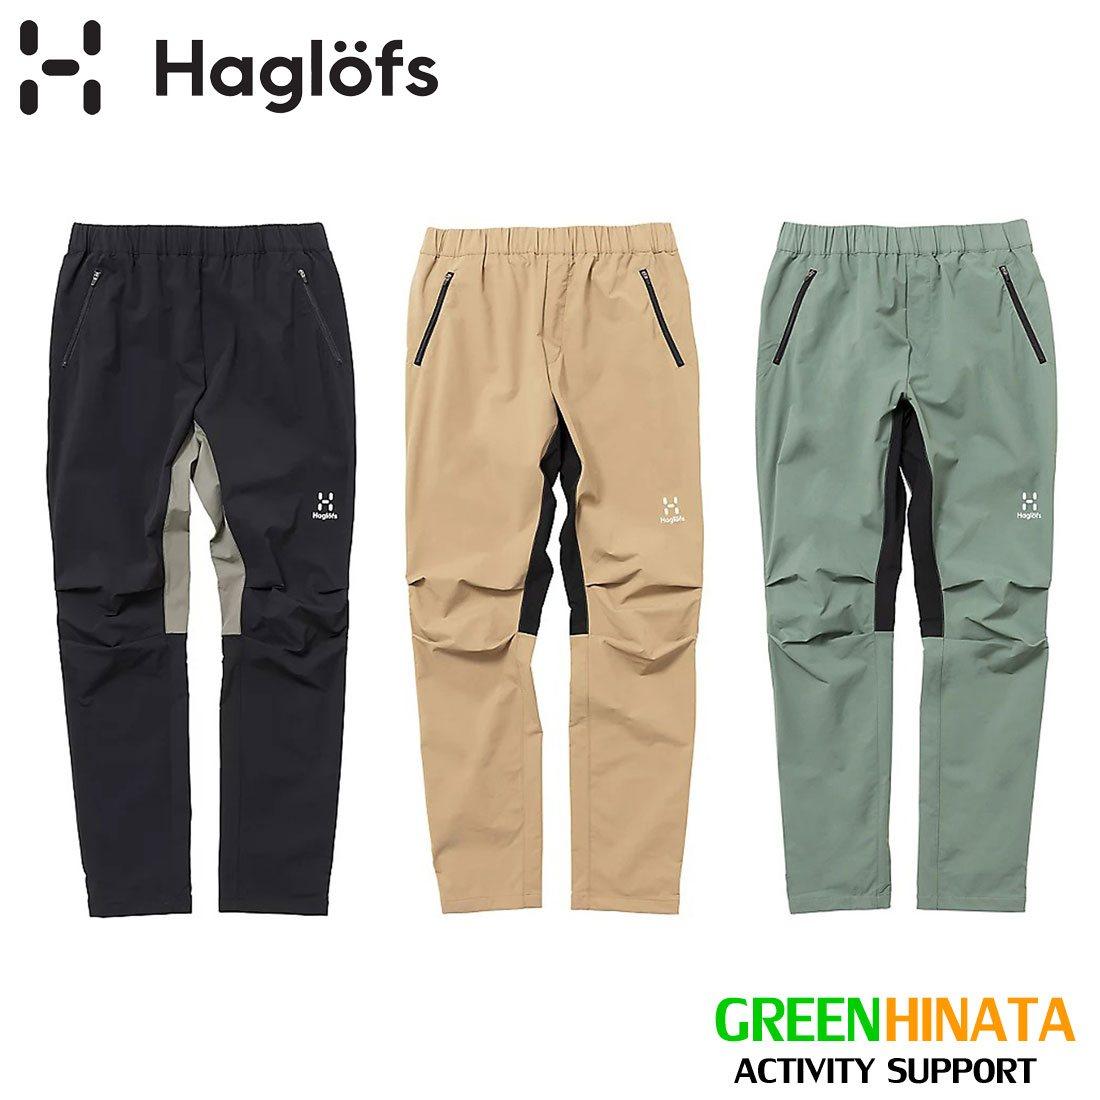 【国内正規品】 ホグロフス ハイブリッド フレックスパンツ ウエア HOGLOFS Hybrid Flex Pants